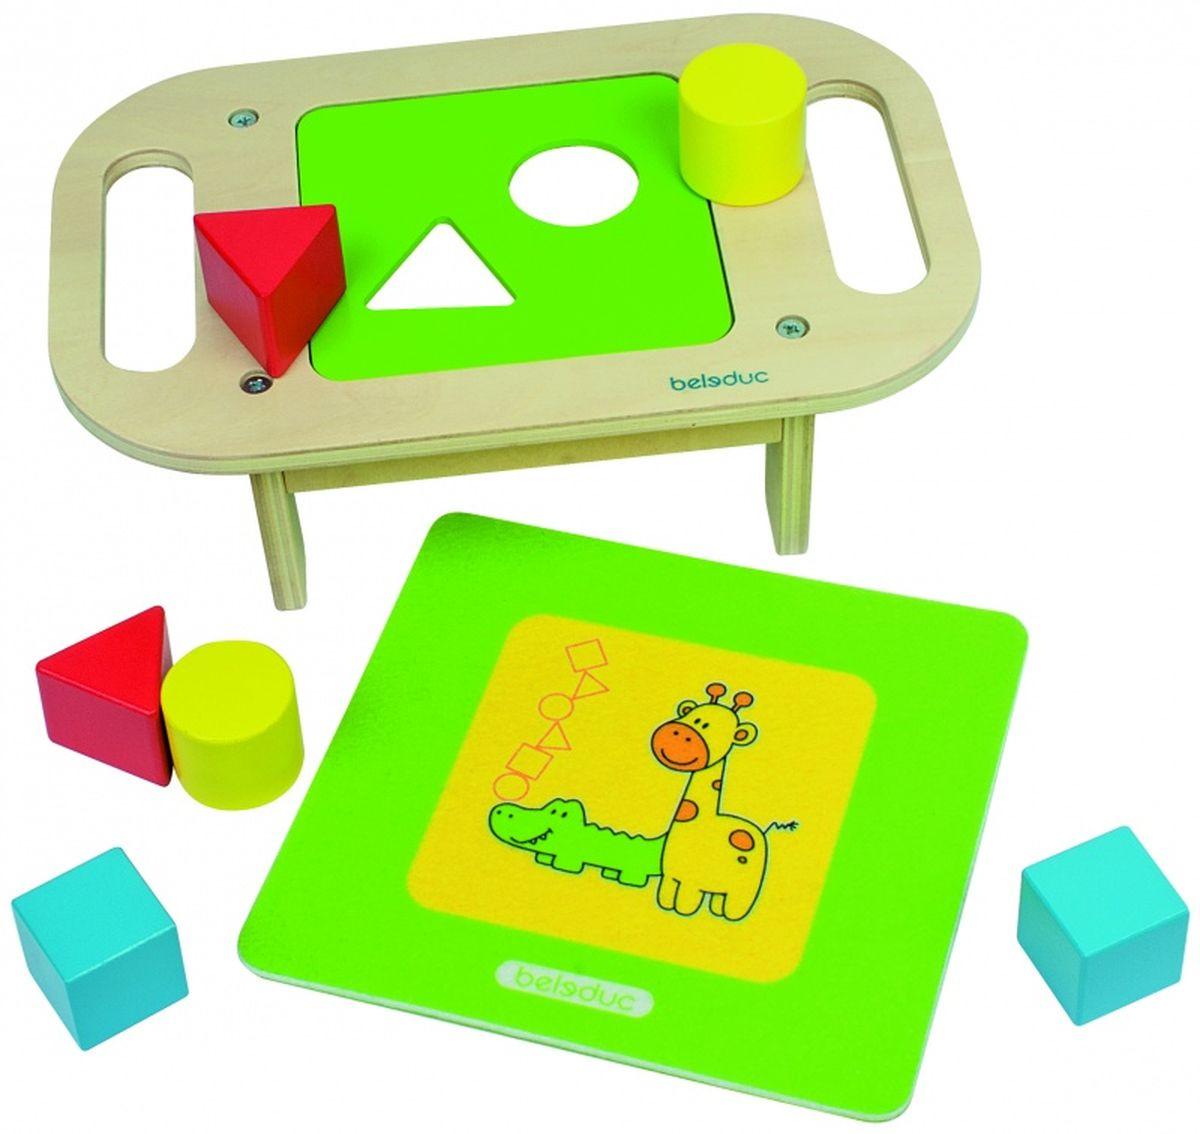 Beleduc Столик-сортер18005Развивающая игра деревянная для малышей. Развиваем ручки! Данная игра поможет ребенку найти для каждой фигурки свое место, а также научит различать основные формы. На выбор предлагается семь различных деревянных панелей с отверстиями в виде геометрических форм. Панели имеют от 1 до 3-х отверстий. Чем больше отверстий на панели, тем сложнее уровень. В игре 3 уровня сложности: легкий, средний и продвинутый. Игра развивает мелкую моторику и зрительно-моторную координацию, а также помогает ребенку изучить формы и цвета.